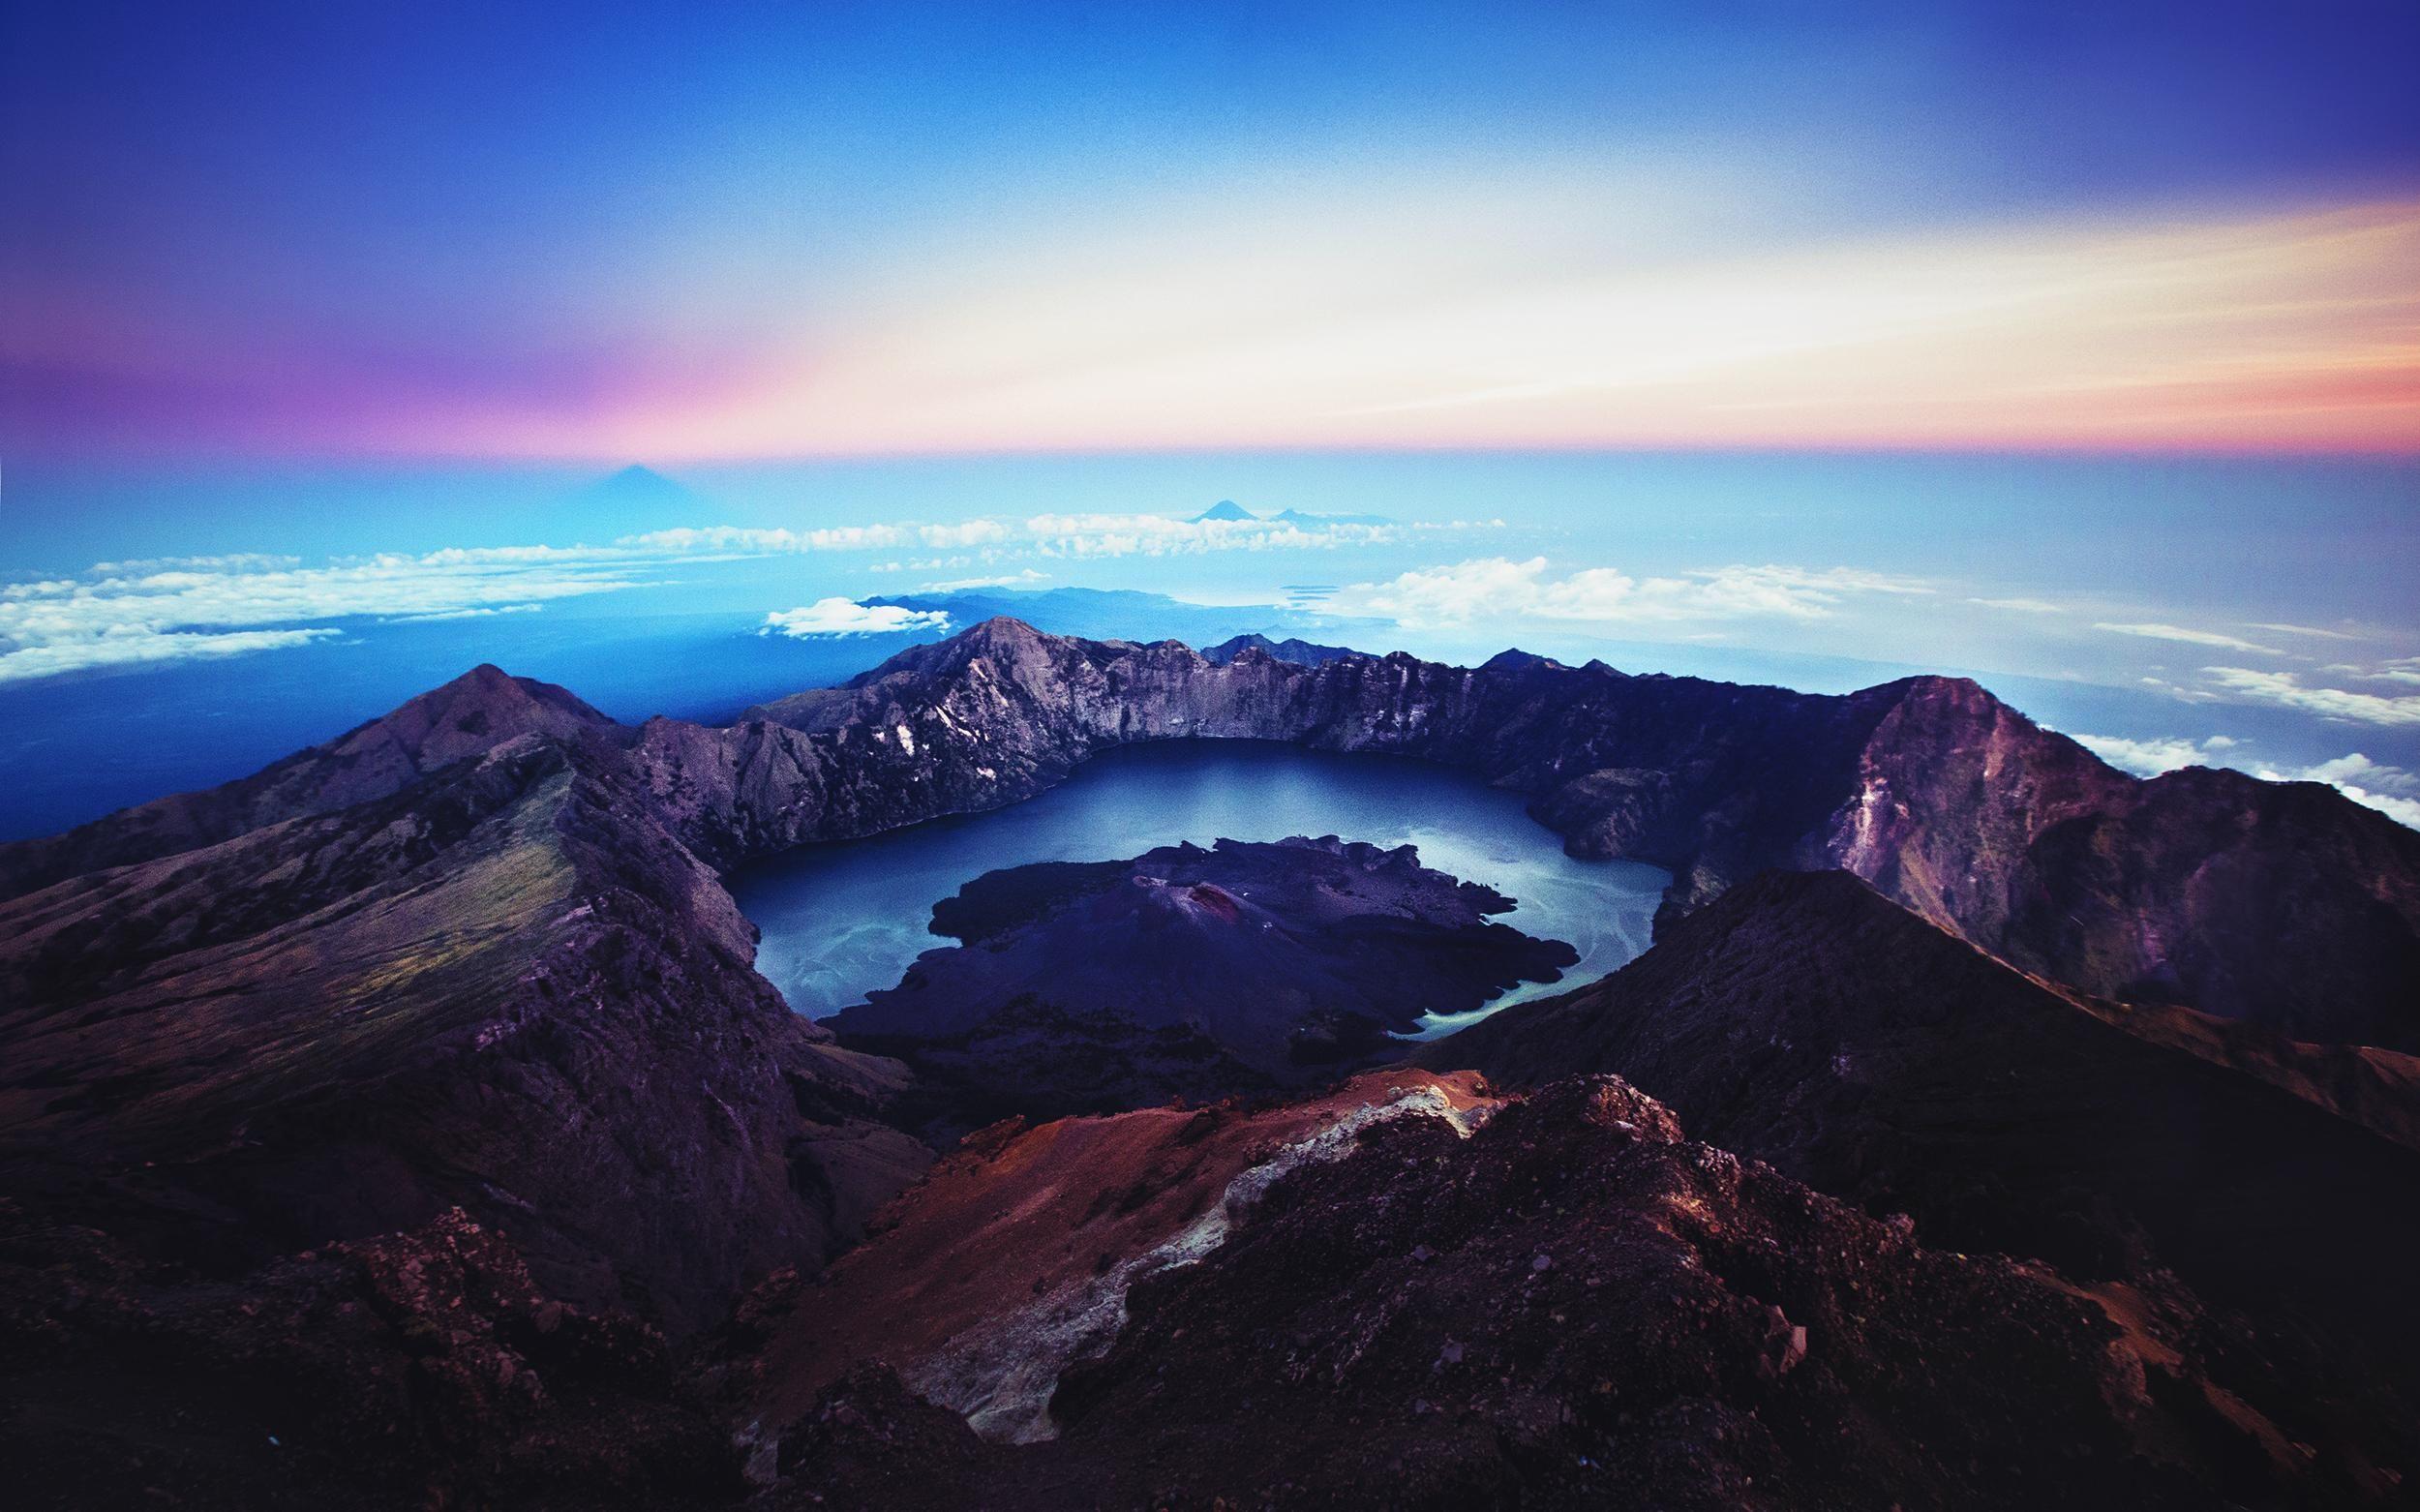 Pemandangan Alam Pegunungan Indonesia Rinjani